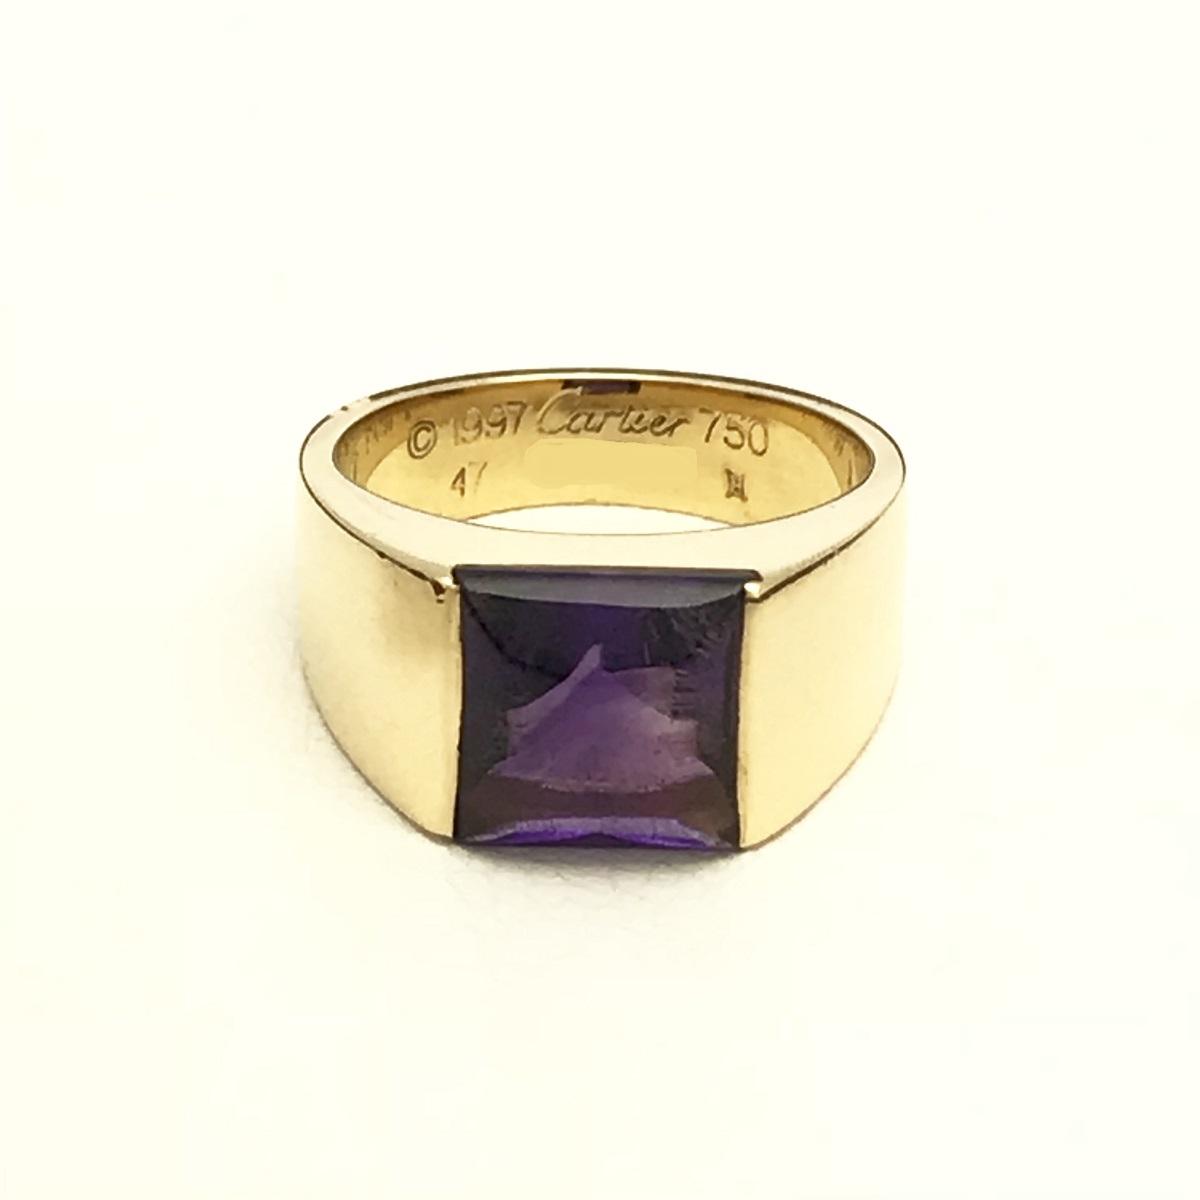 Cartier カルティエ タンクソロ リング 指輪 #47 750YG アメジスト 【トレジャースポット】【中古】